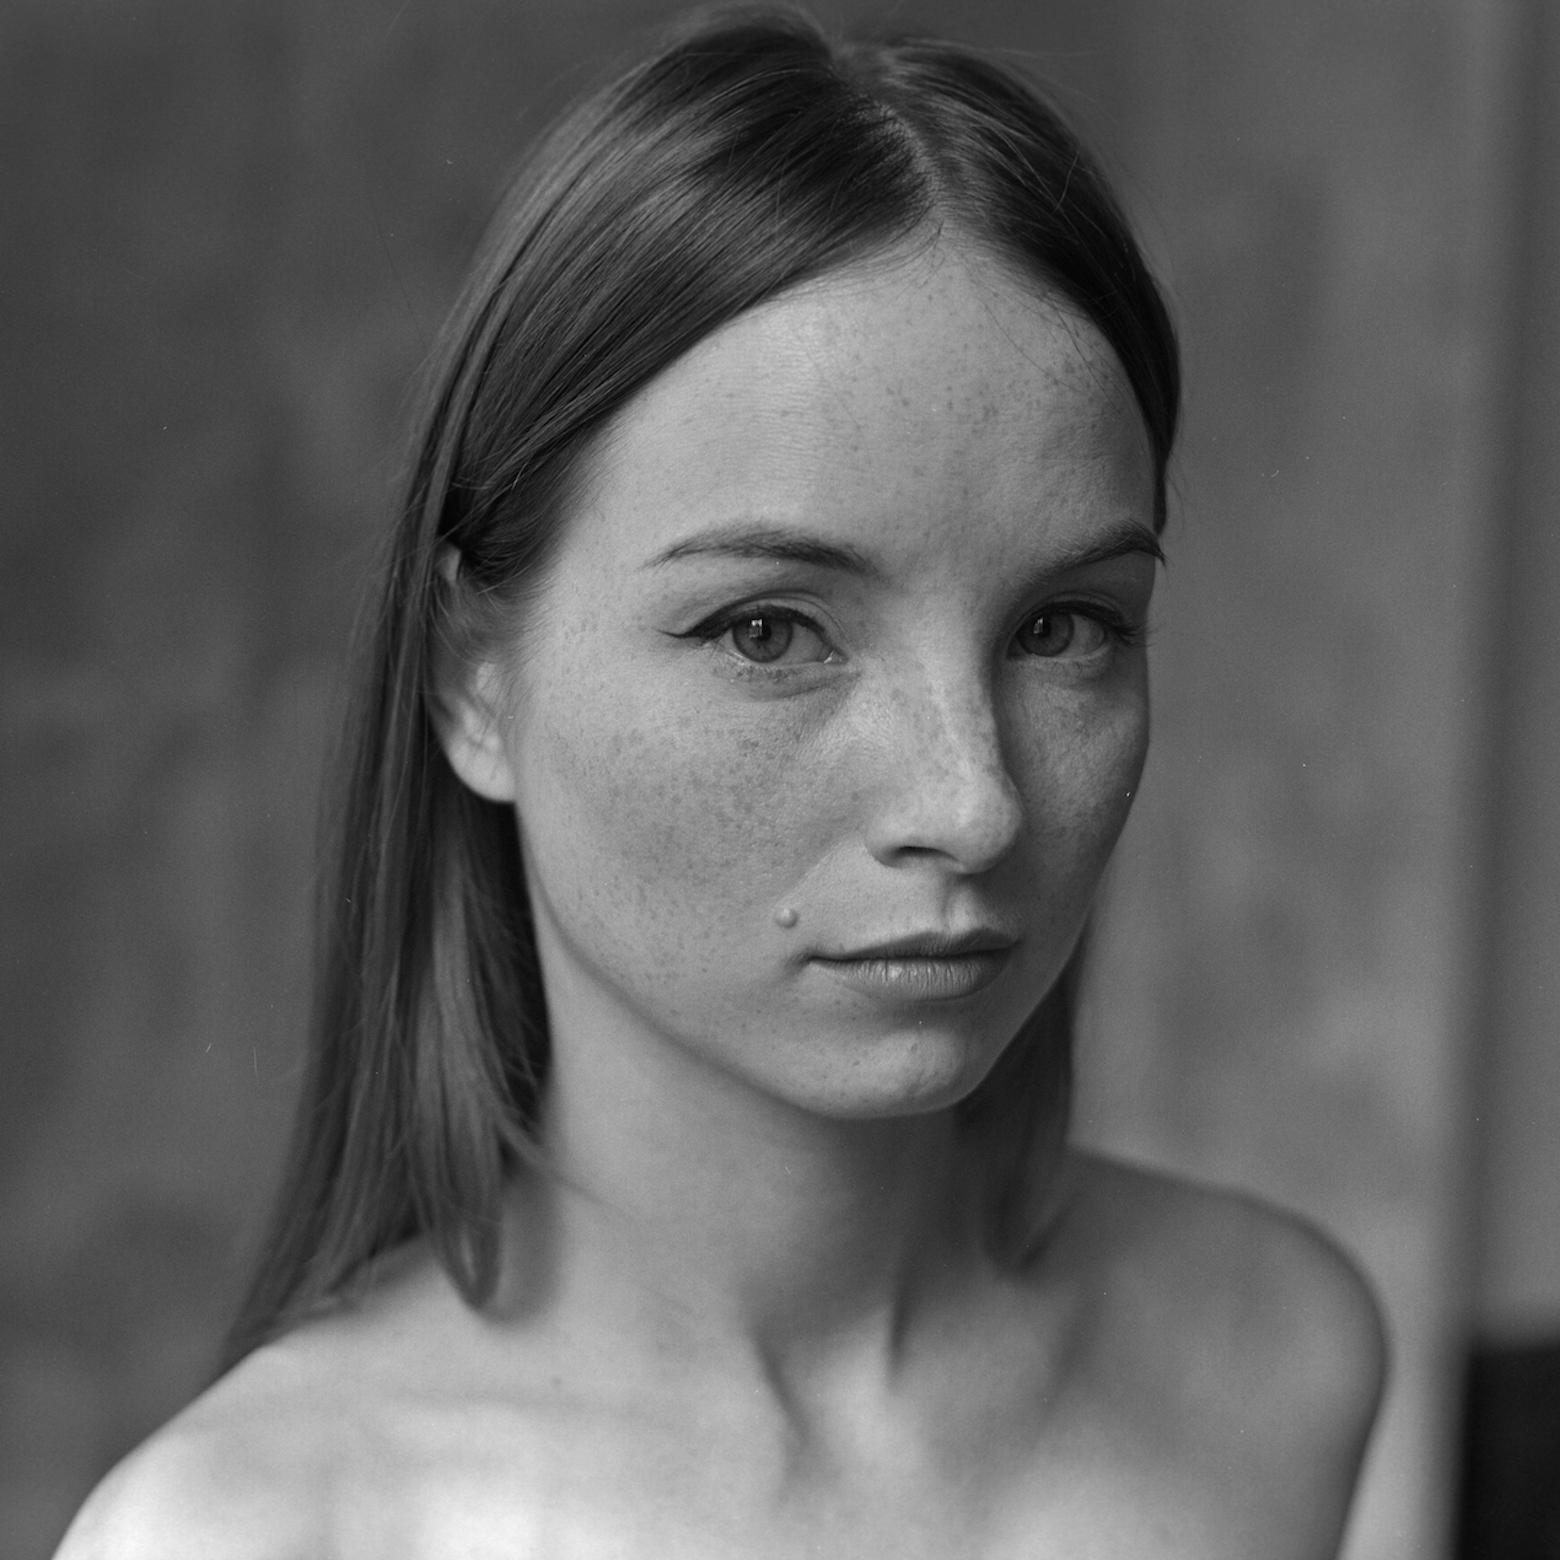 Ганна Муратава, 26 гадоў